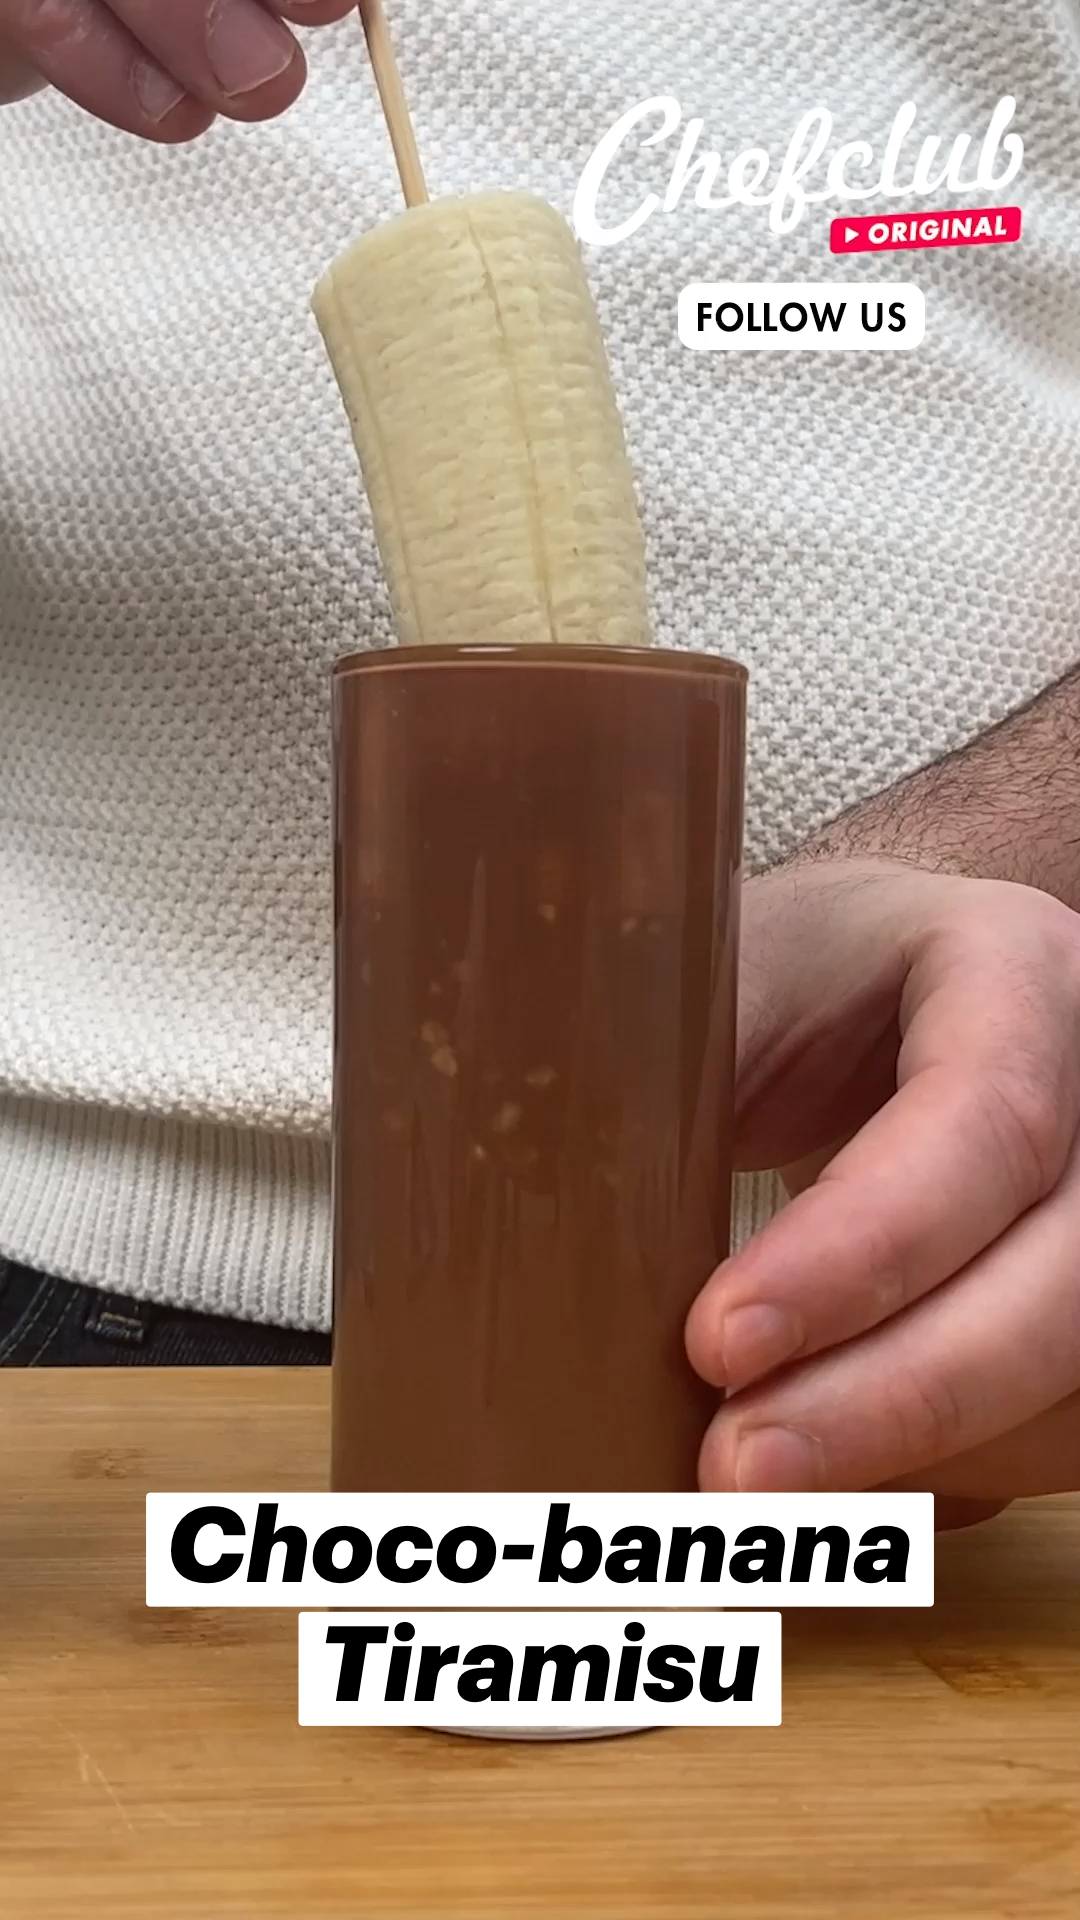 Choco-banana Tiramisu